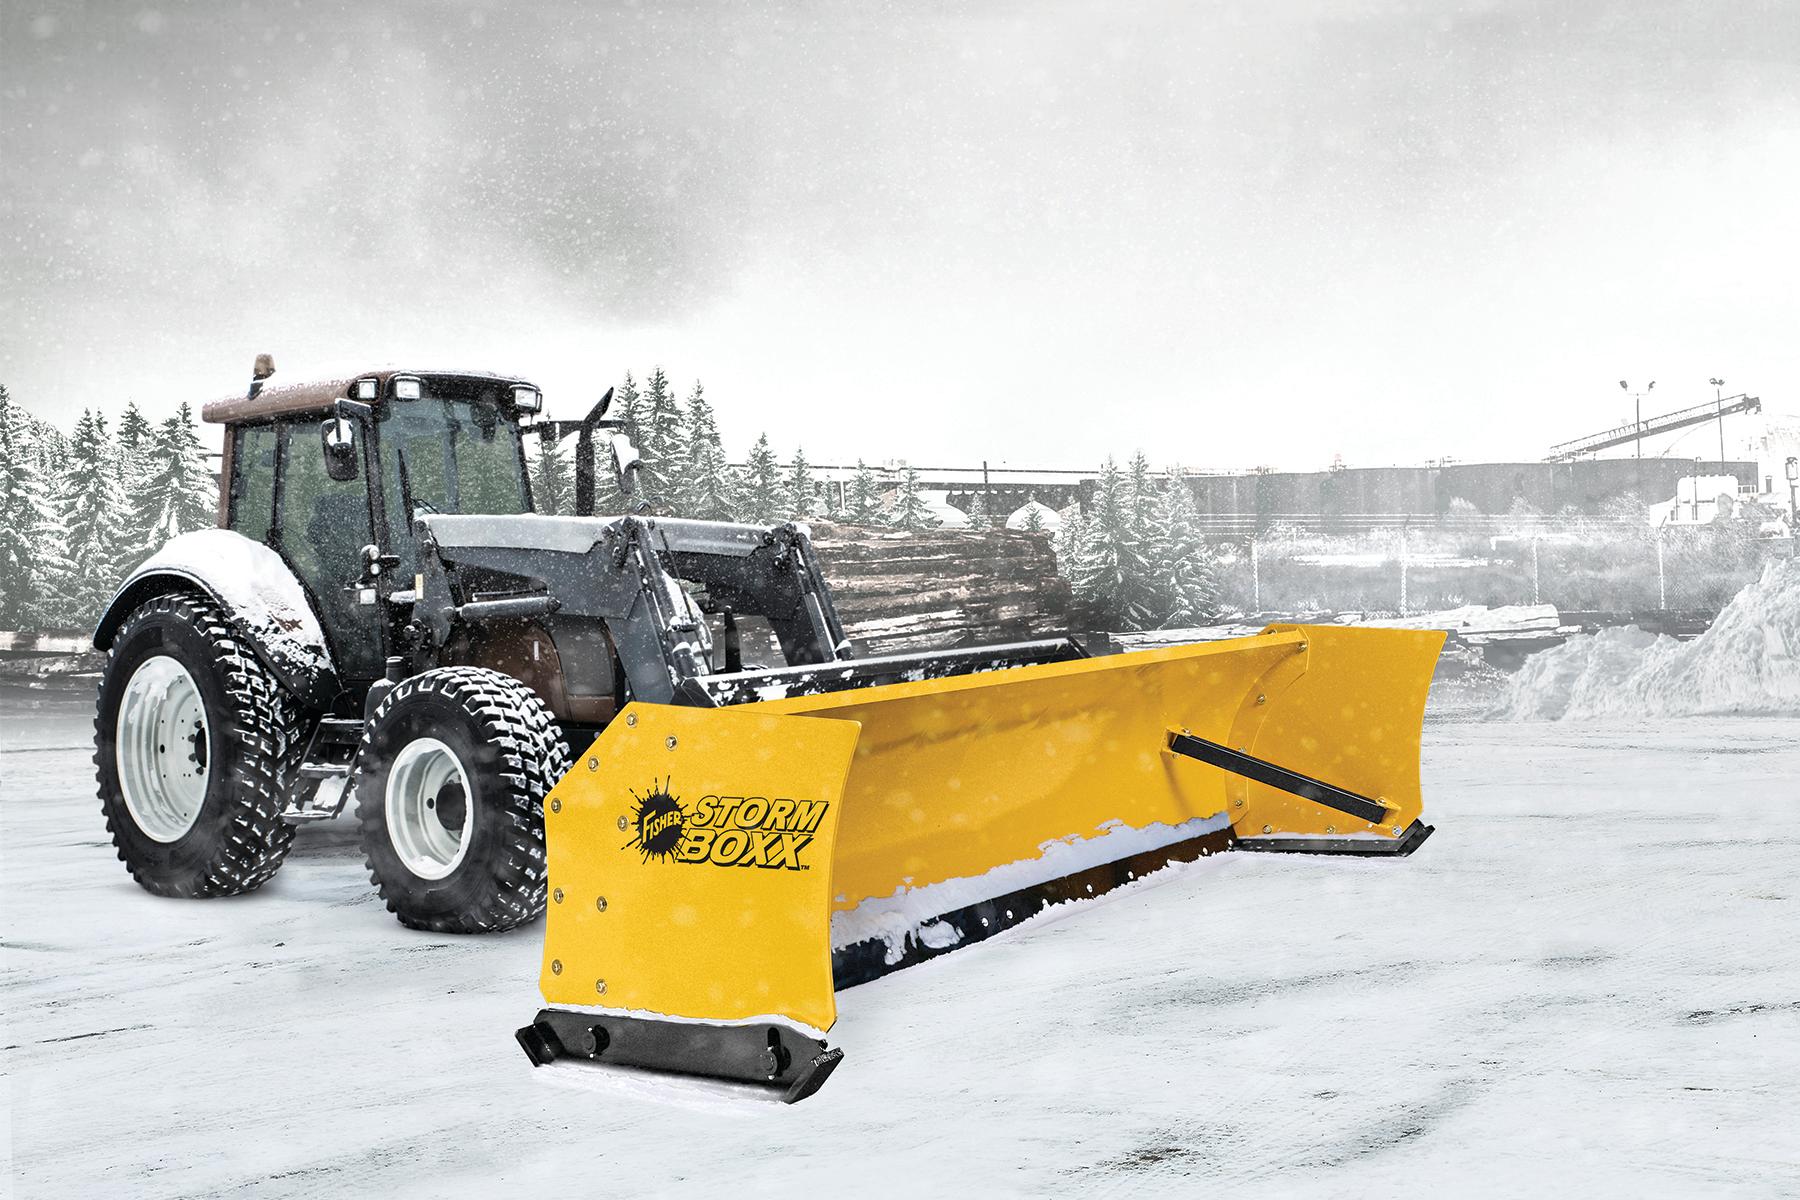 Fisher Storm Boxx snow plow